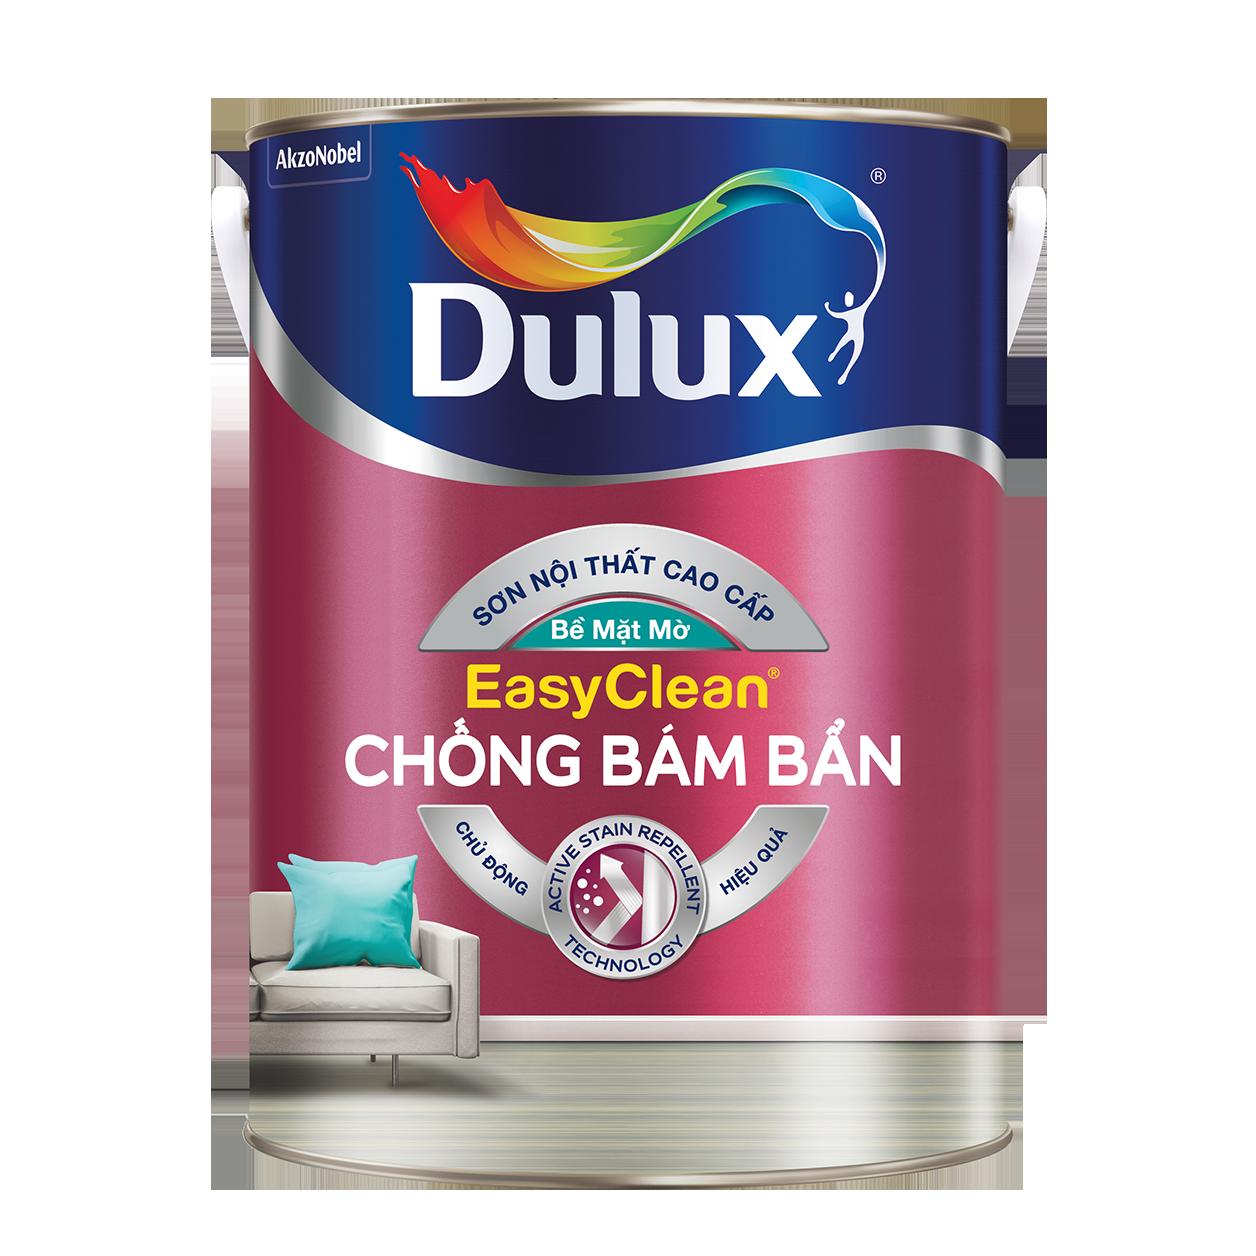 Dulux EasyClean Chống Bám Bẩn - Bề Mặt Mờ